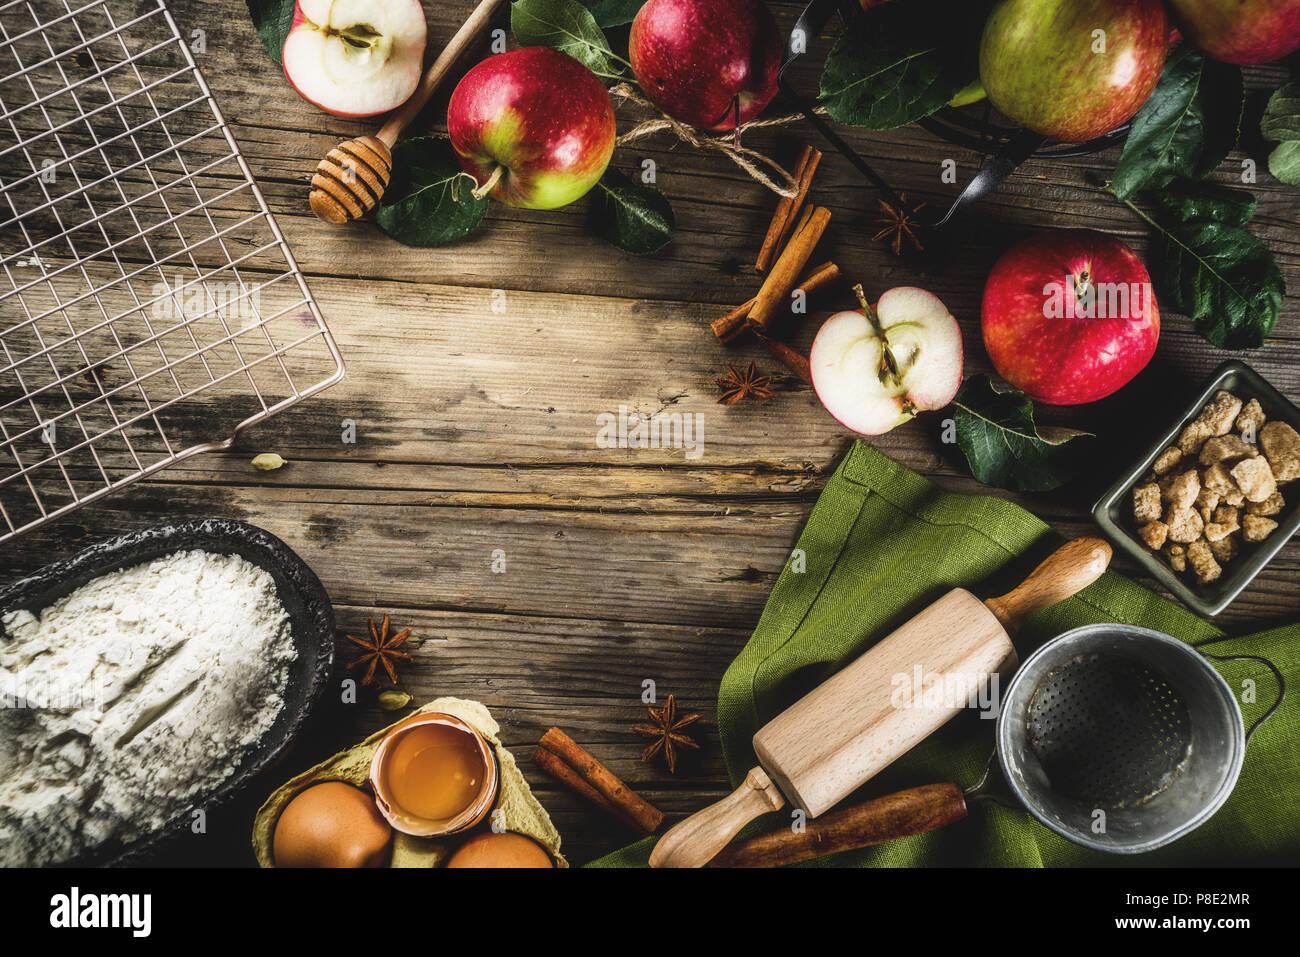 Automne fond de cuisson au four, tarte pommes rouges frais, doux, épices, sucre, farine, œufs, rouleau à pâtisserie en bois, des ustensiles, backgrou Photo Stock